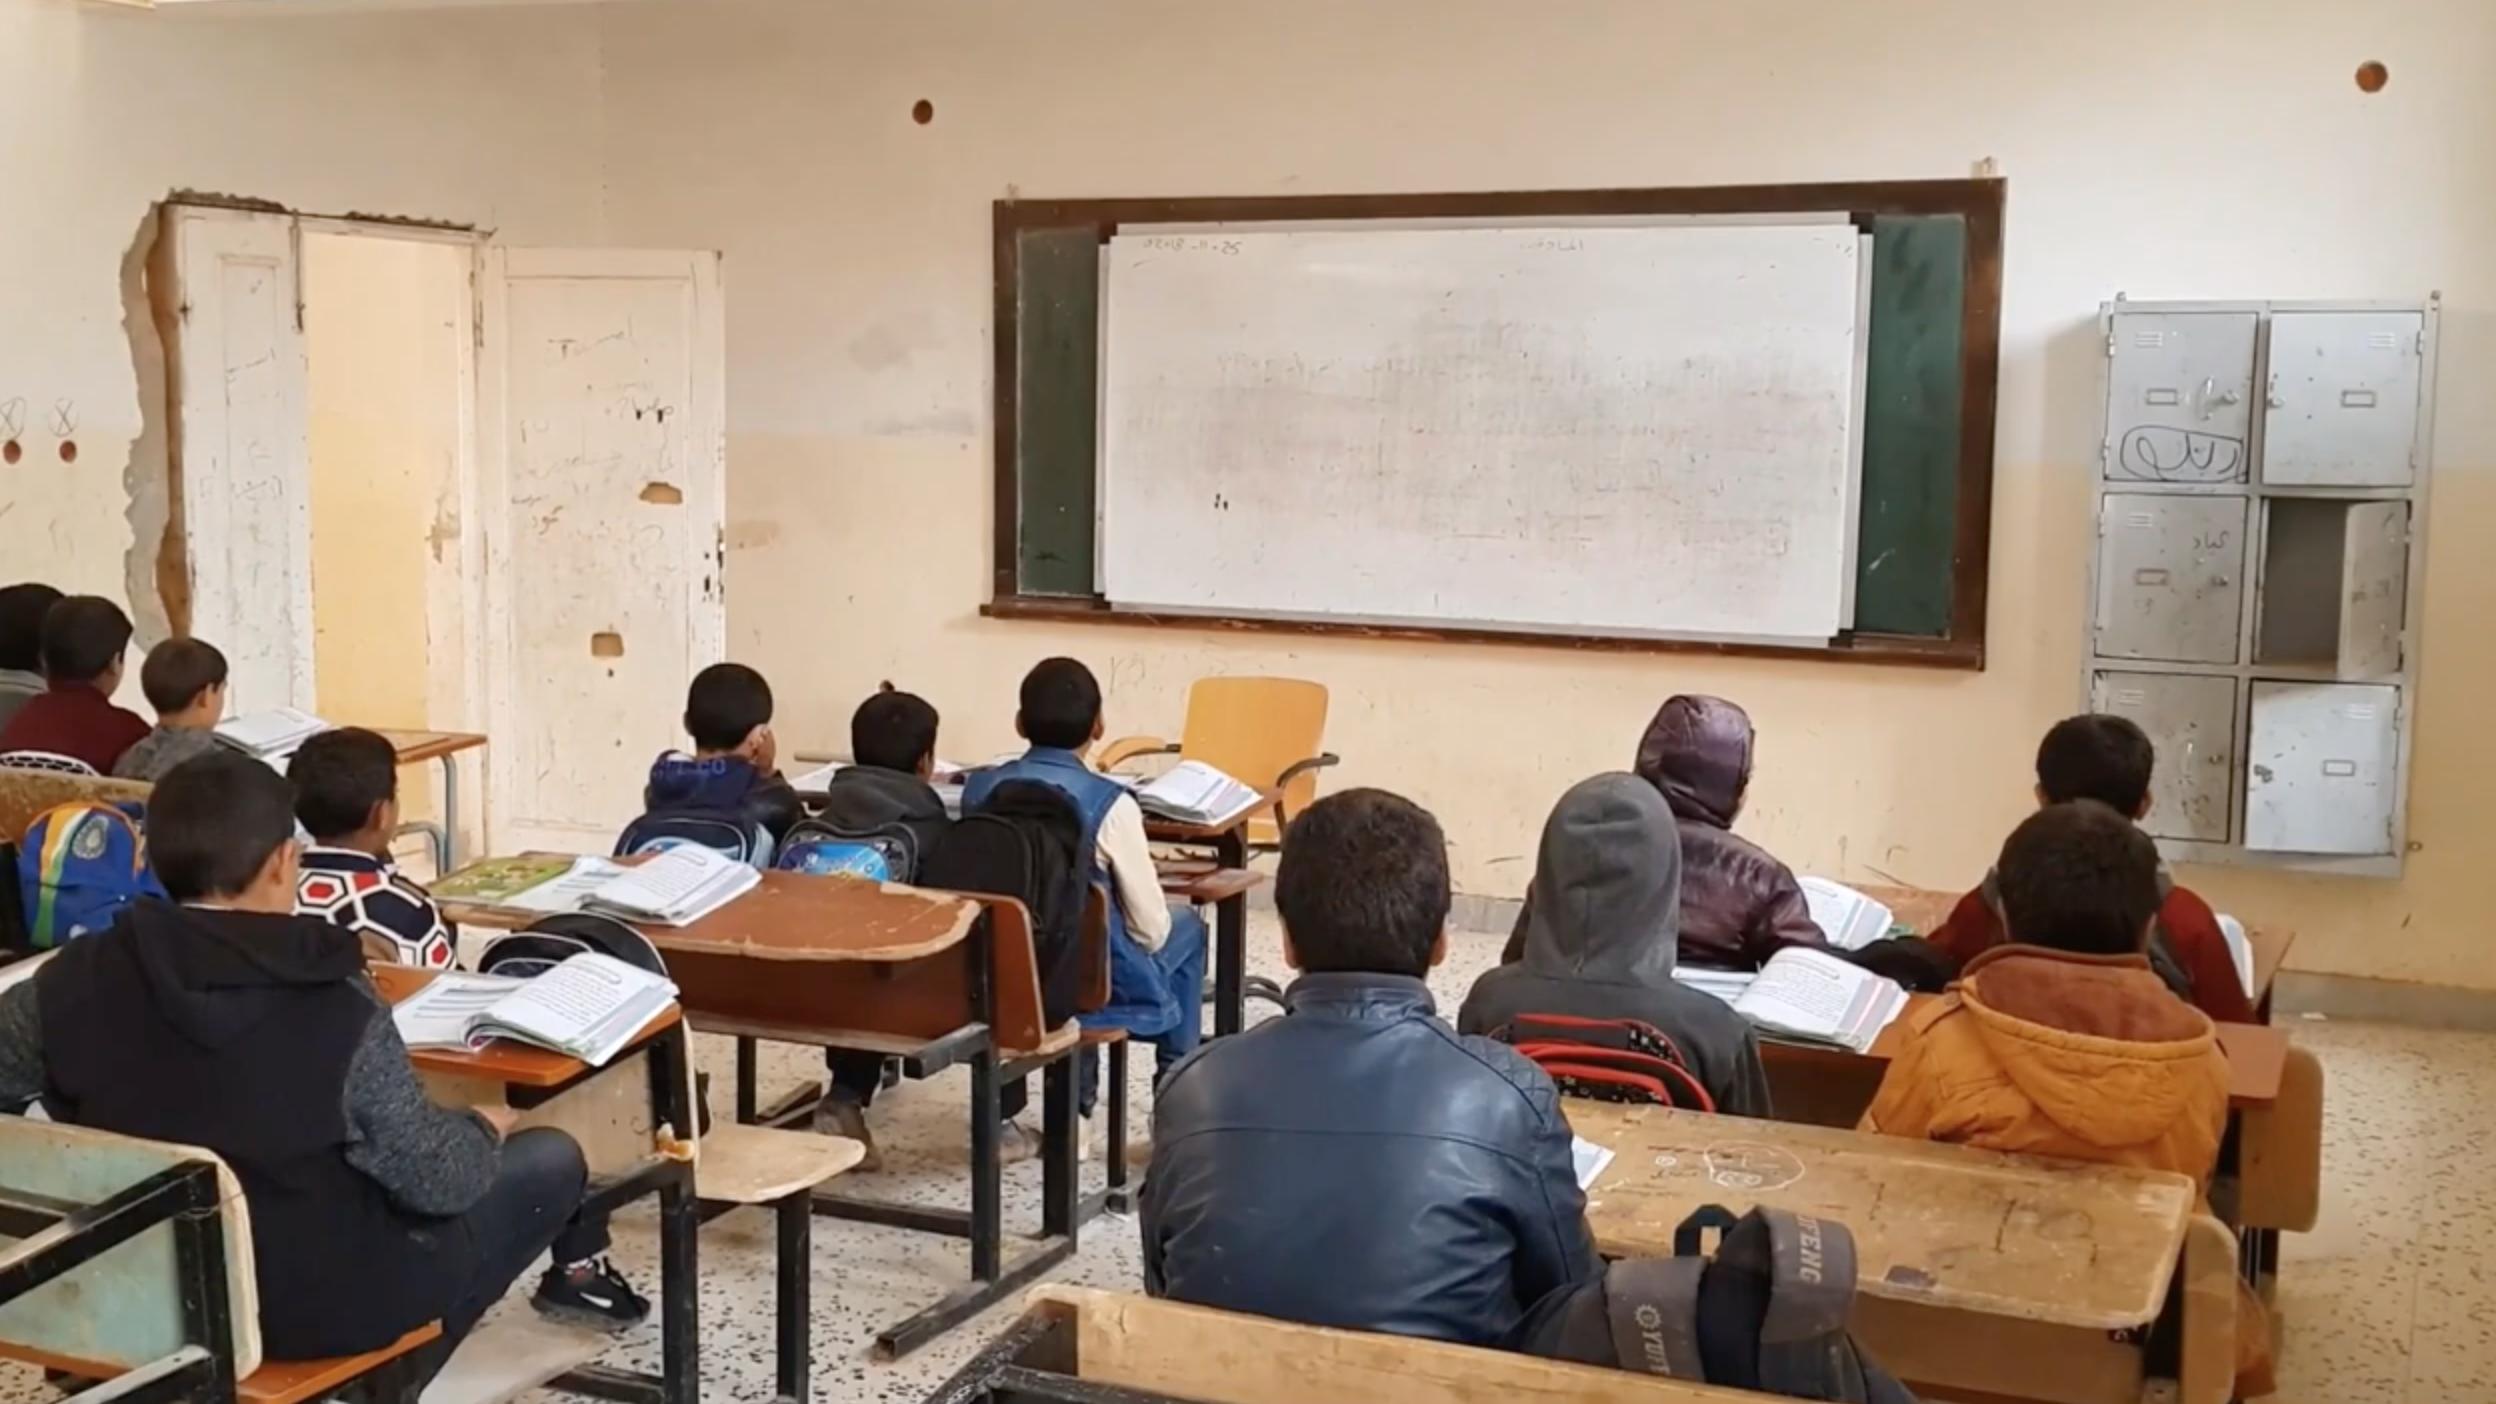 مدرسة في باطن الجبل - ارشيفية